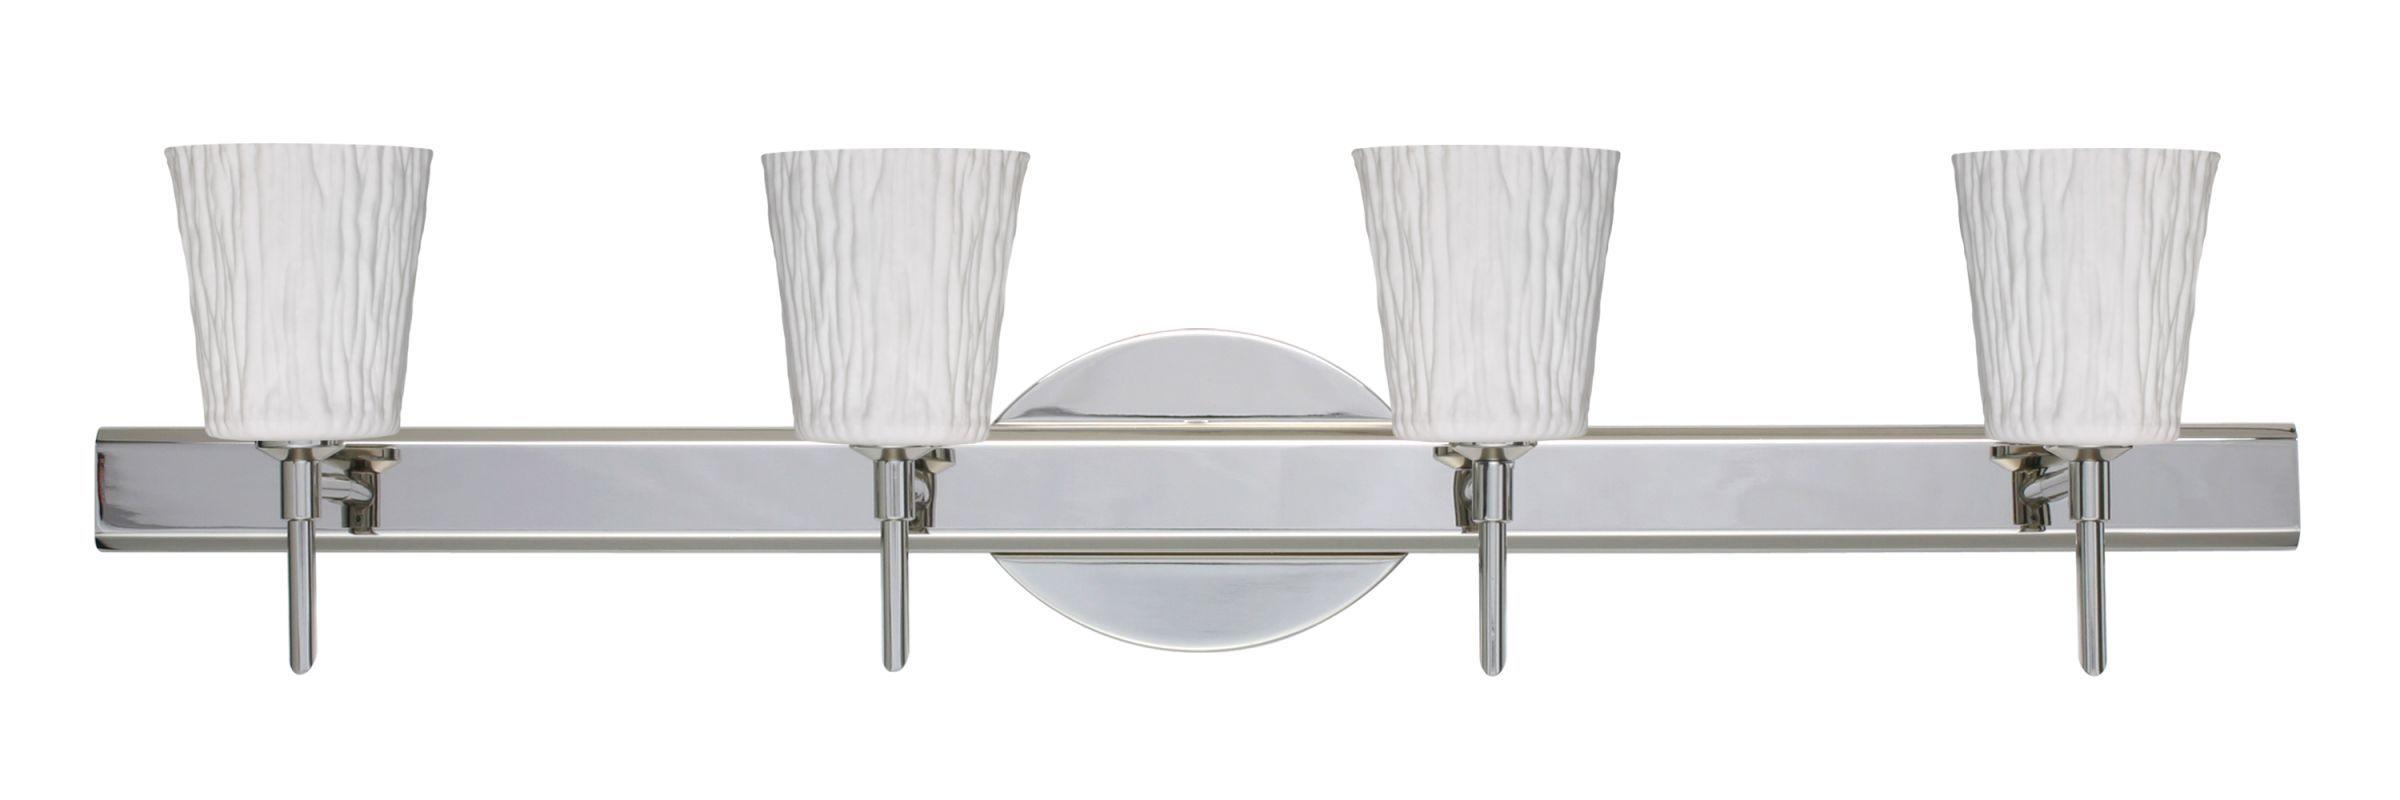 Besa Lighting SWOS Nico Light Reversible Halogen Bathroom - Halogen bathroom vanity lights